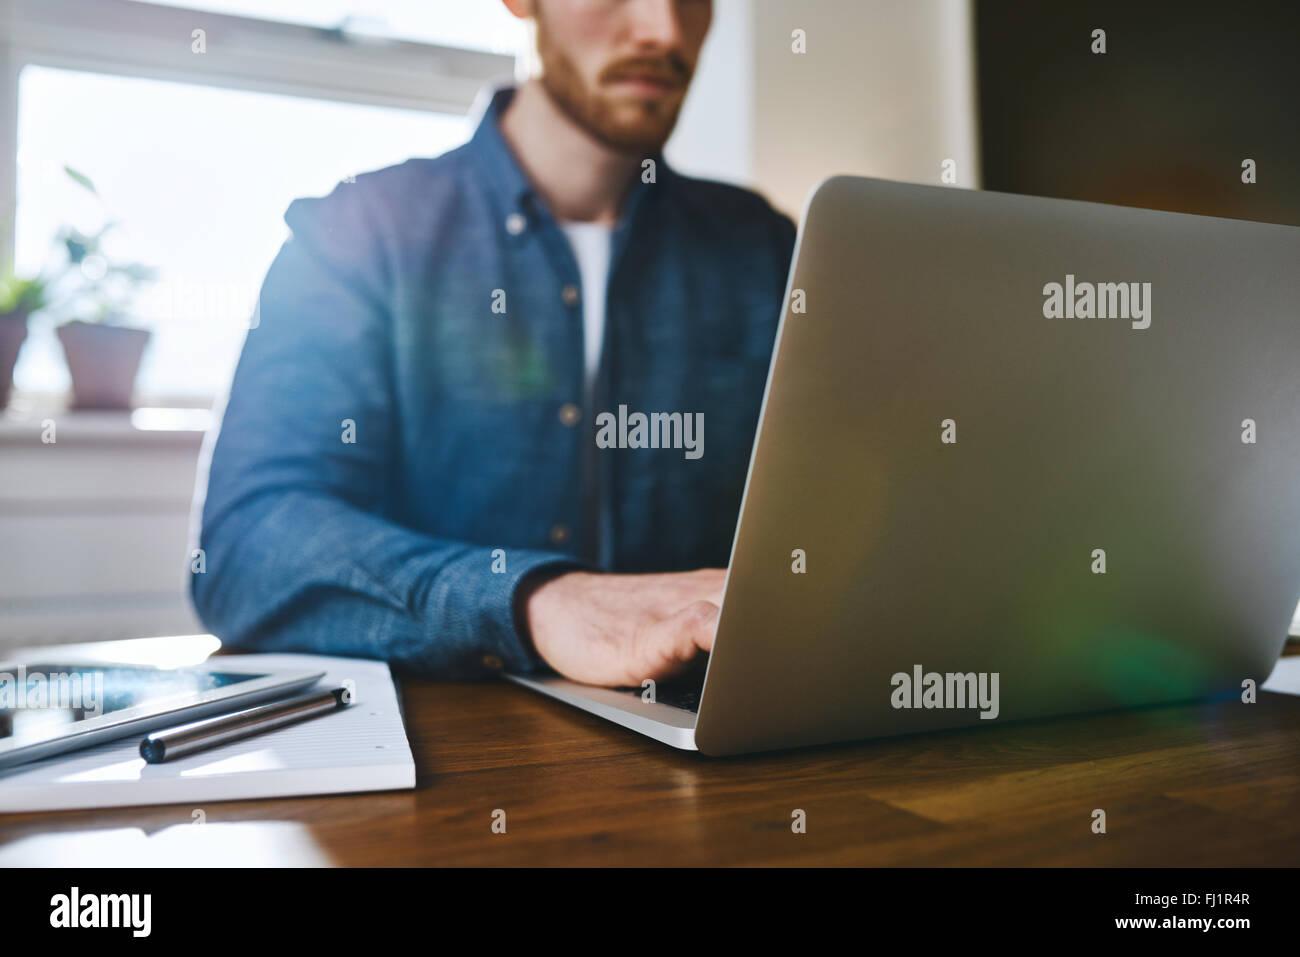 Nahaufnahme des Menschen arbeiten am Laptop Geschäftskonzept Konzept arbeiten Stockbild